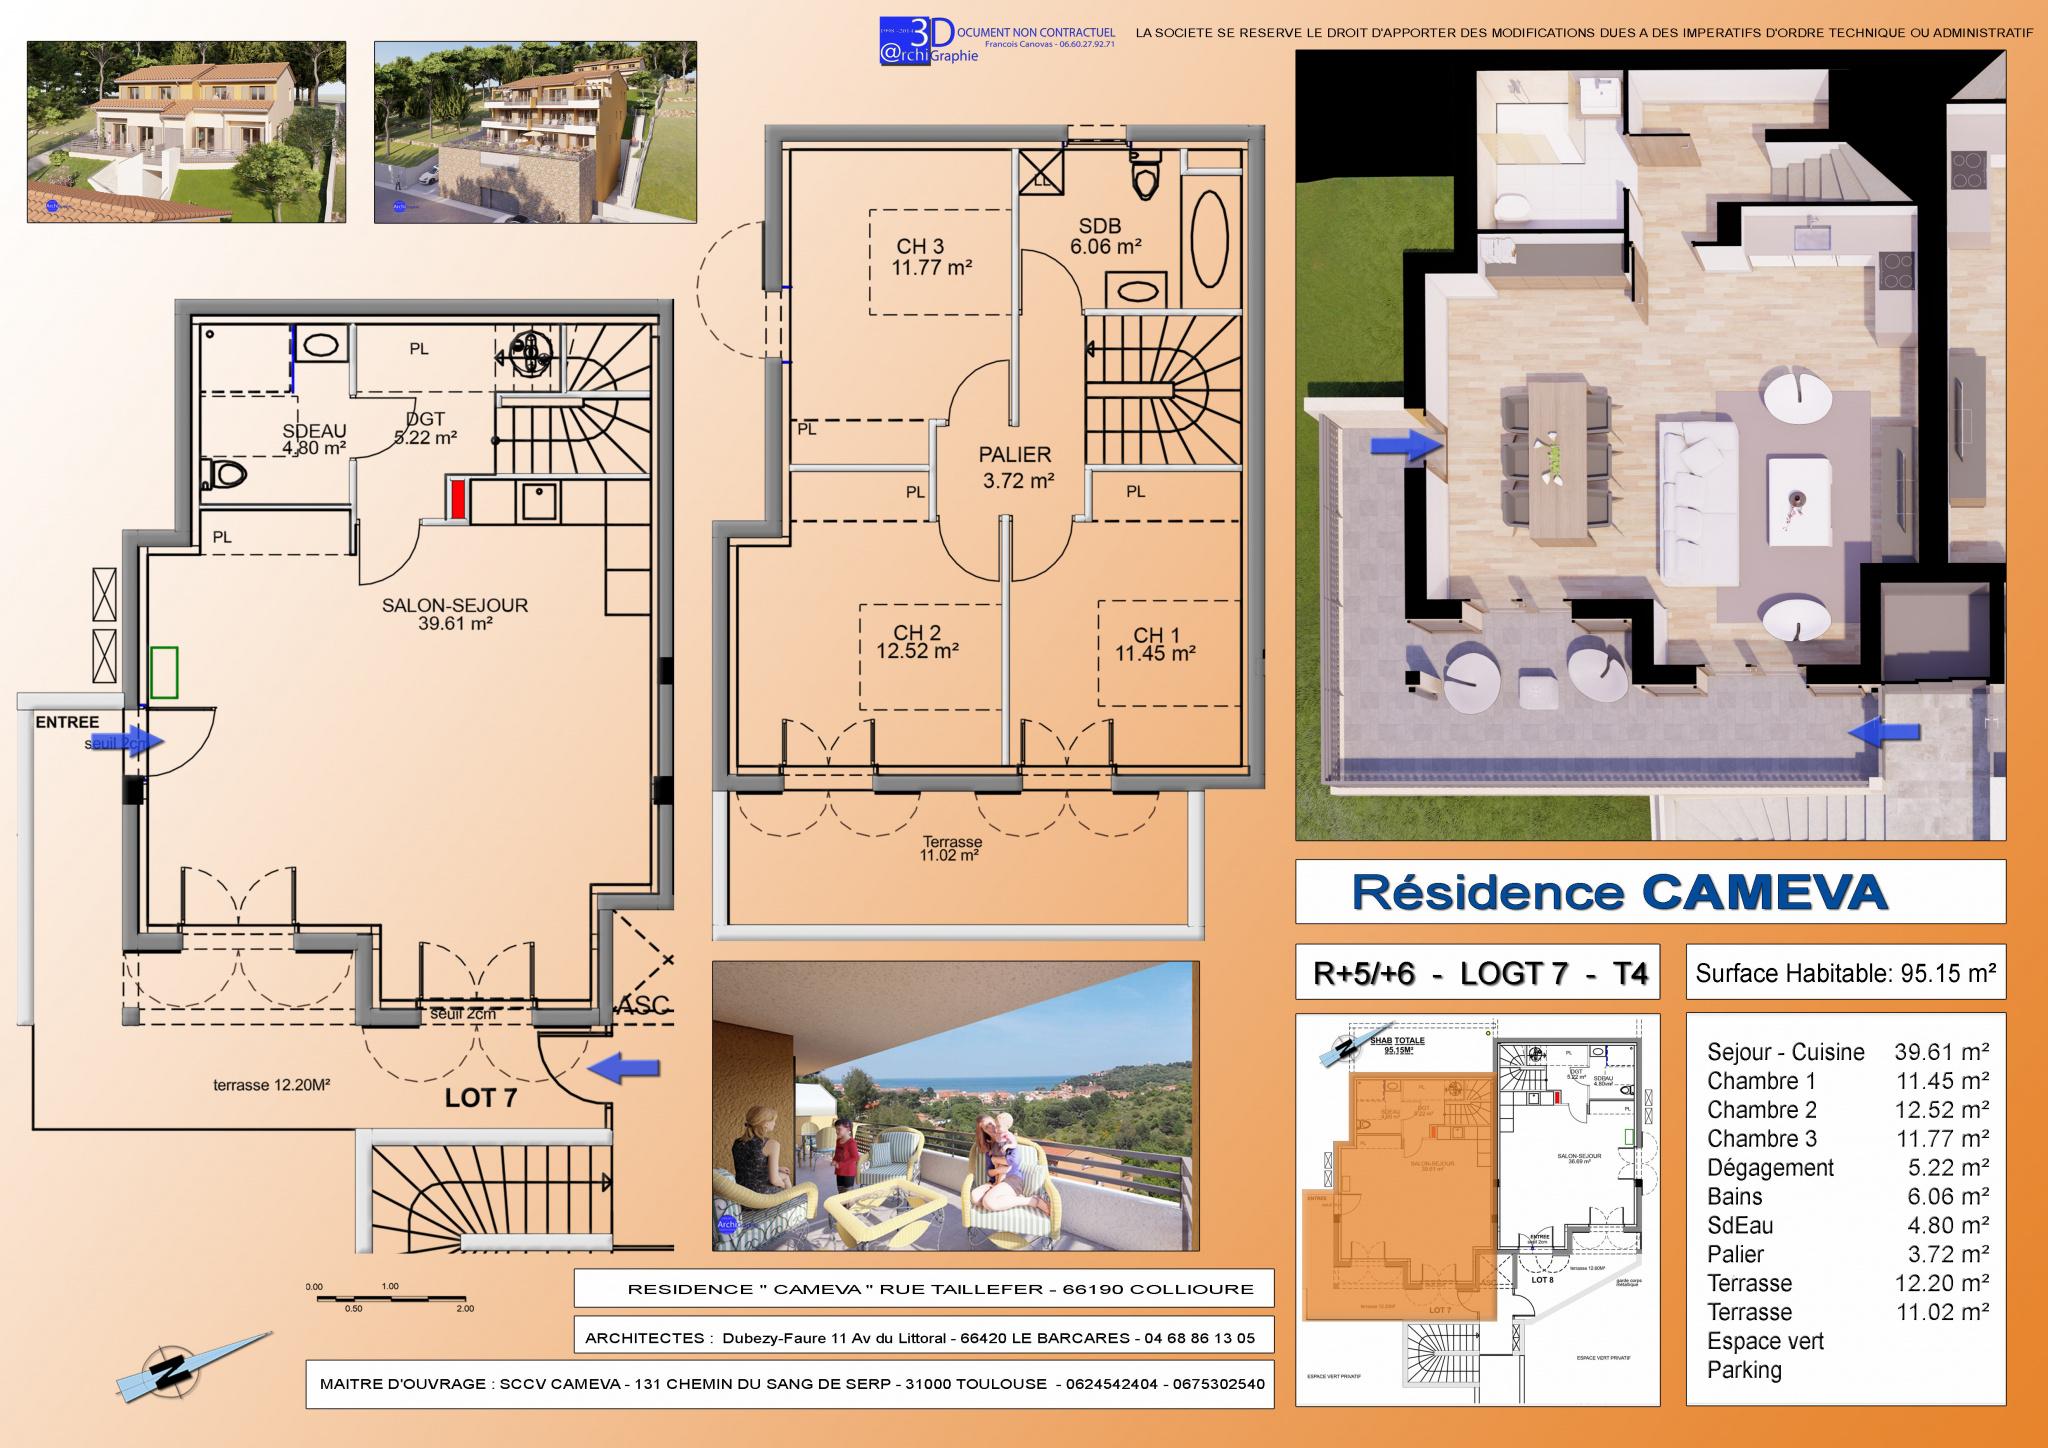 À vendre maison/villa de 95.14m2 à collioure (66190) - Photo 2'